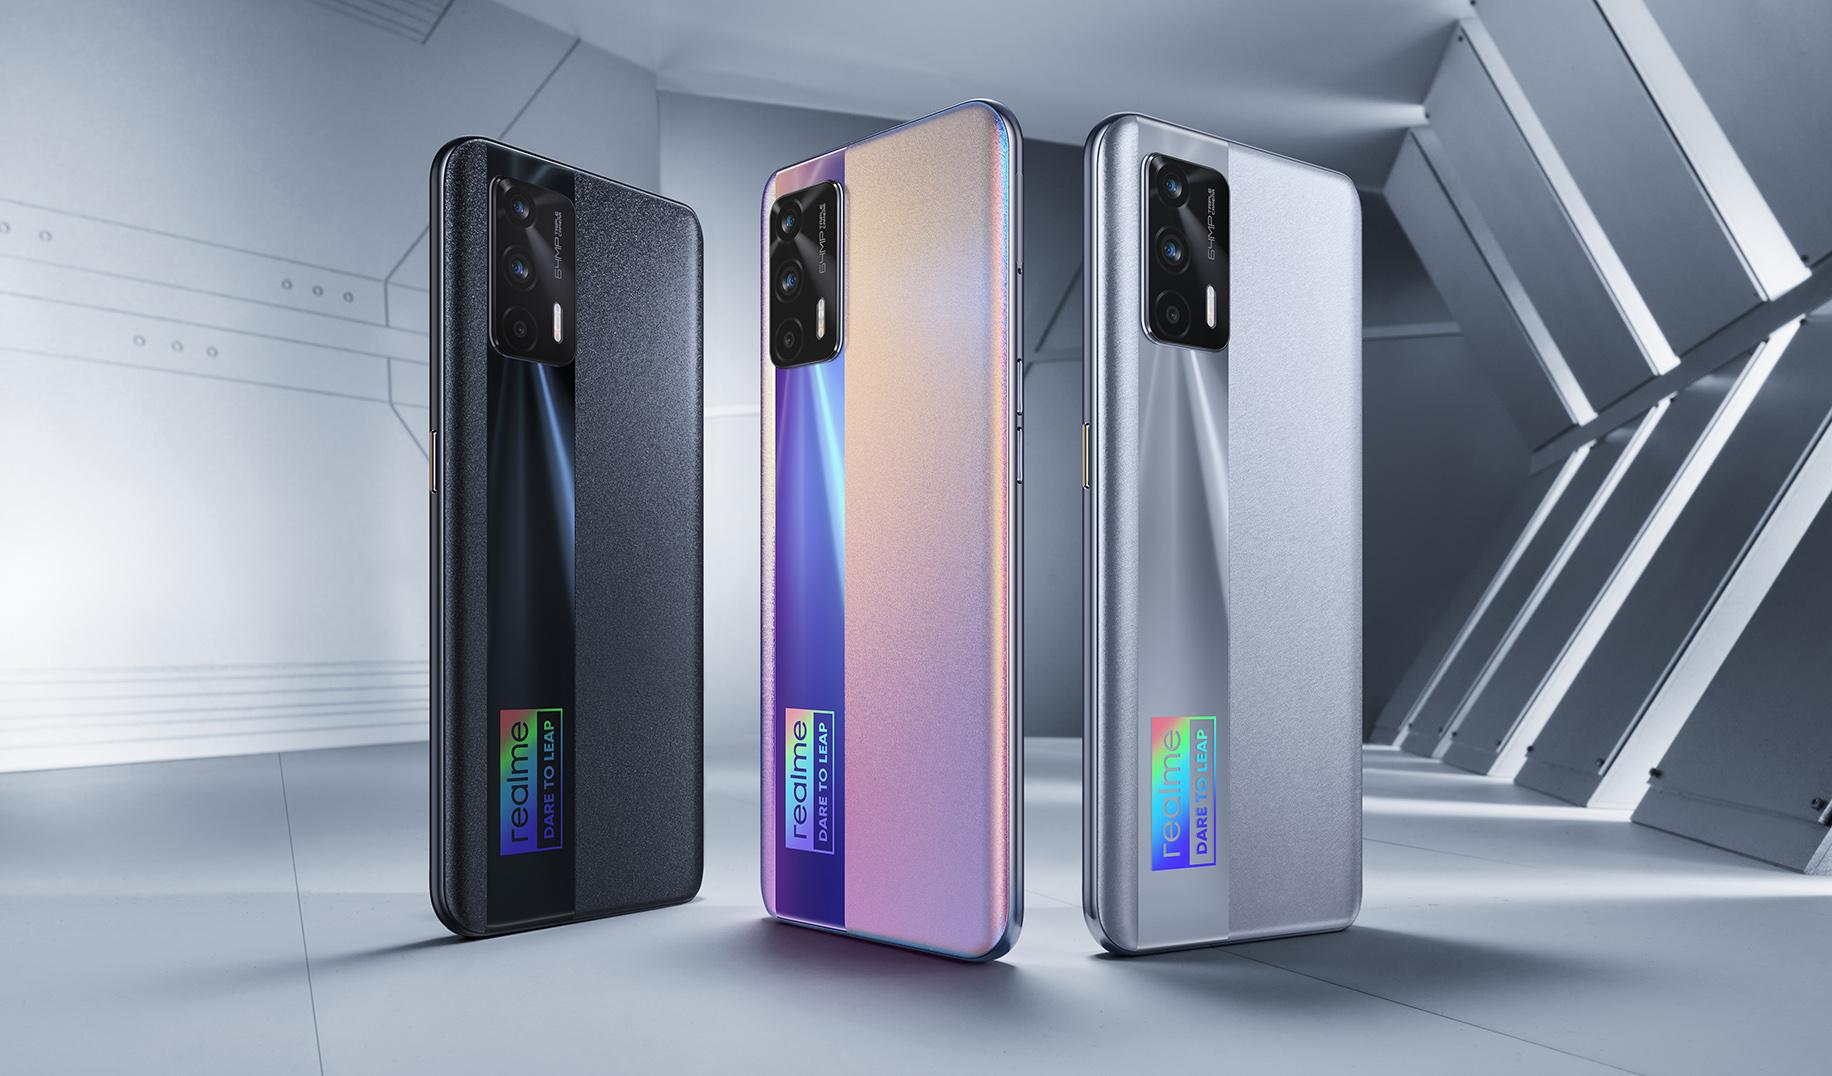 Snapdragon 870, 5000 мА*ч и 120-Гц дисплей по цене от $370  характеристики и стоимость новой версии Realme GT Neo